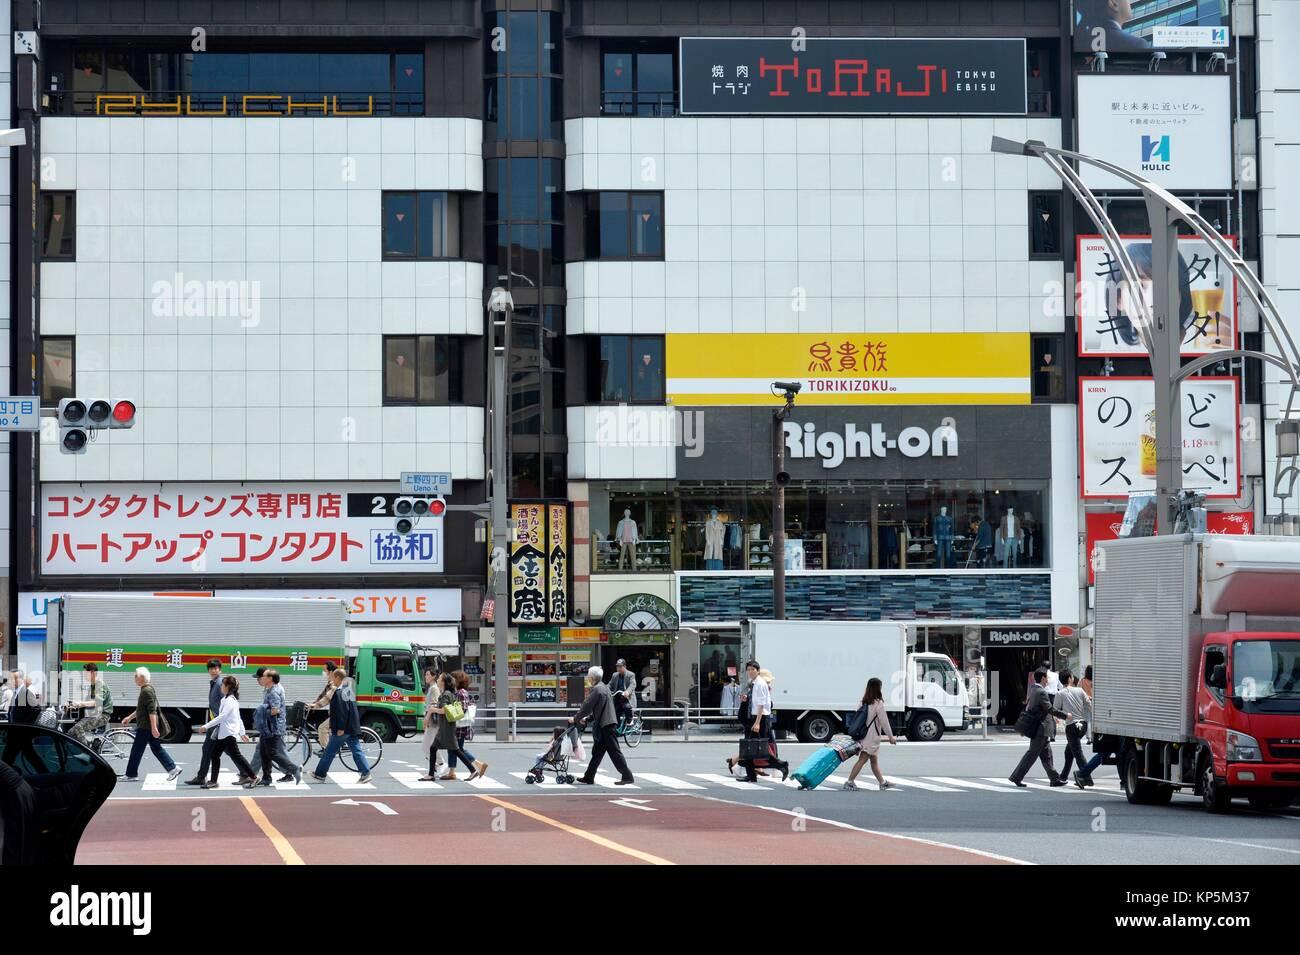 Eine Straße in Ueno, Tokio, Japan, Asien. Stockbild